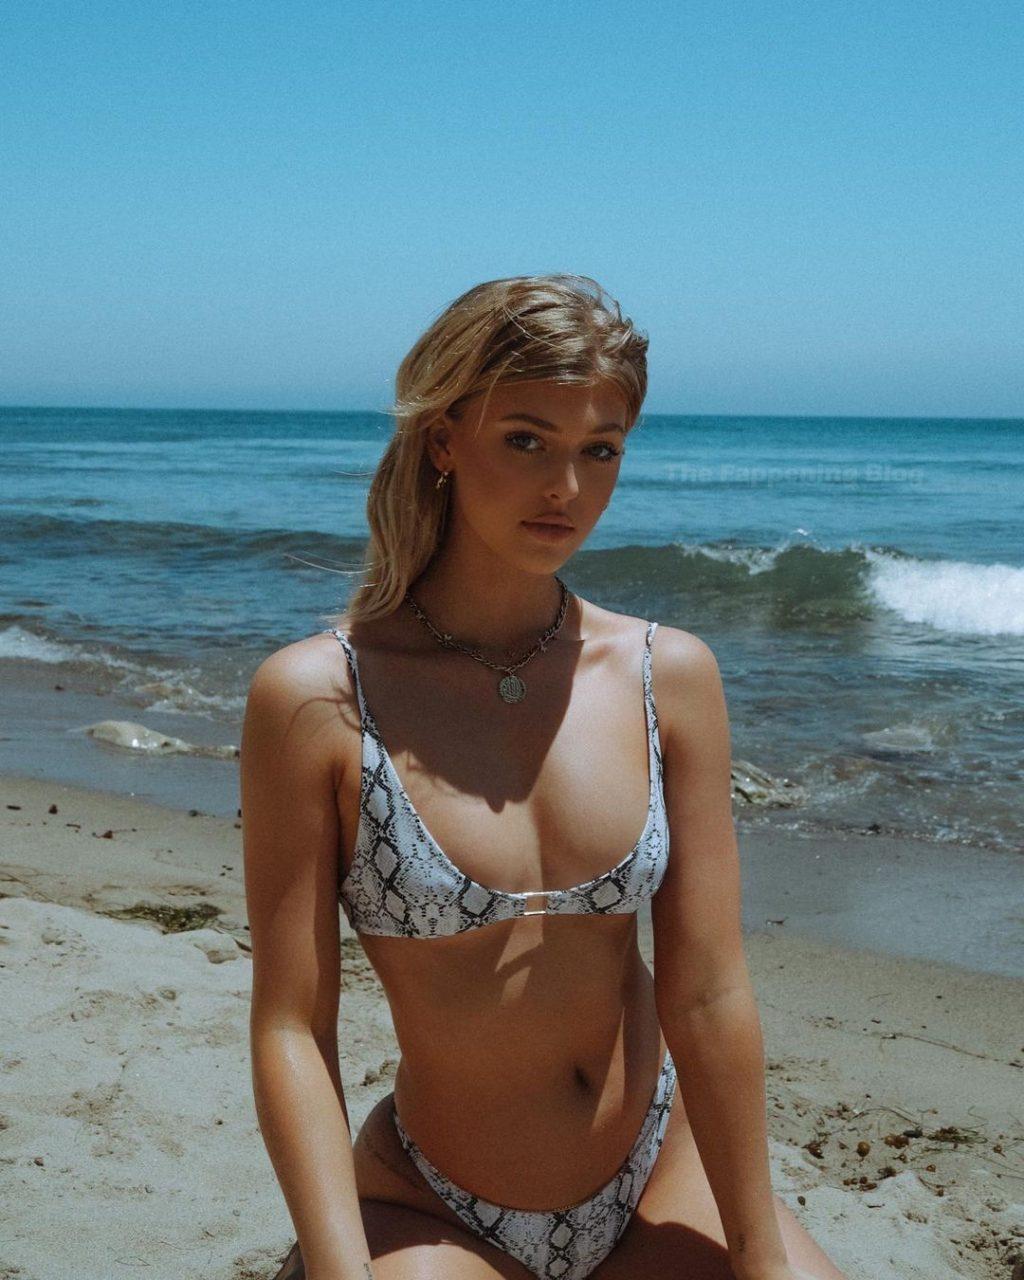 Loren Gray Sexy Collection (98 Photos + Video)